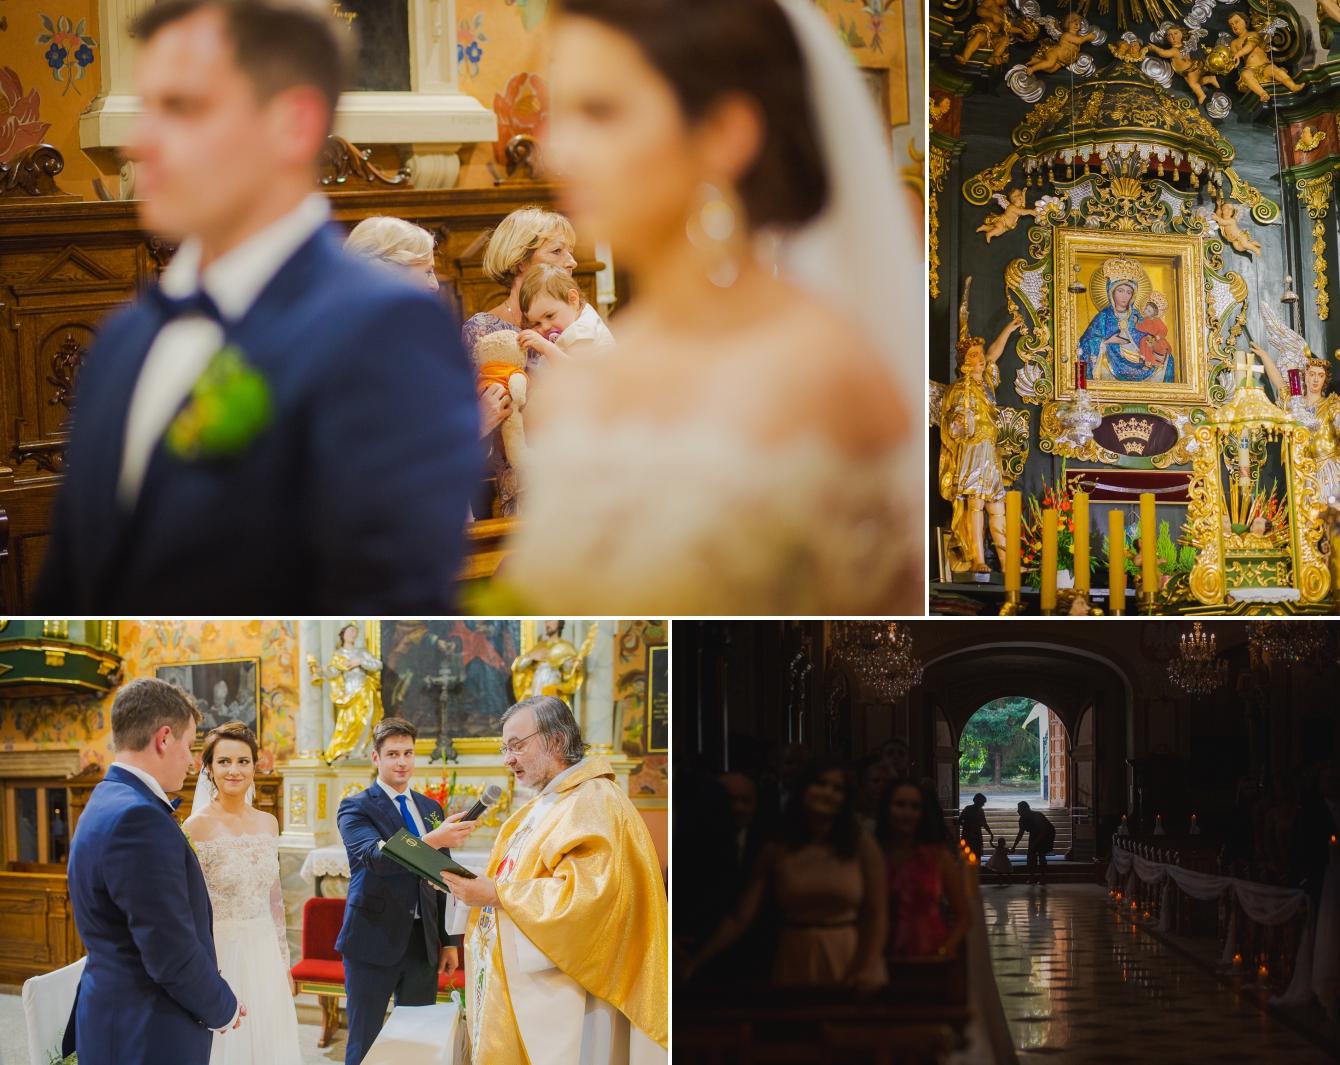 Ania i Damian - ślub w górach - Kocierz SPA - fotografia ślubna - bartek Wyrobek  (7).jpg